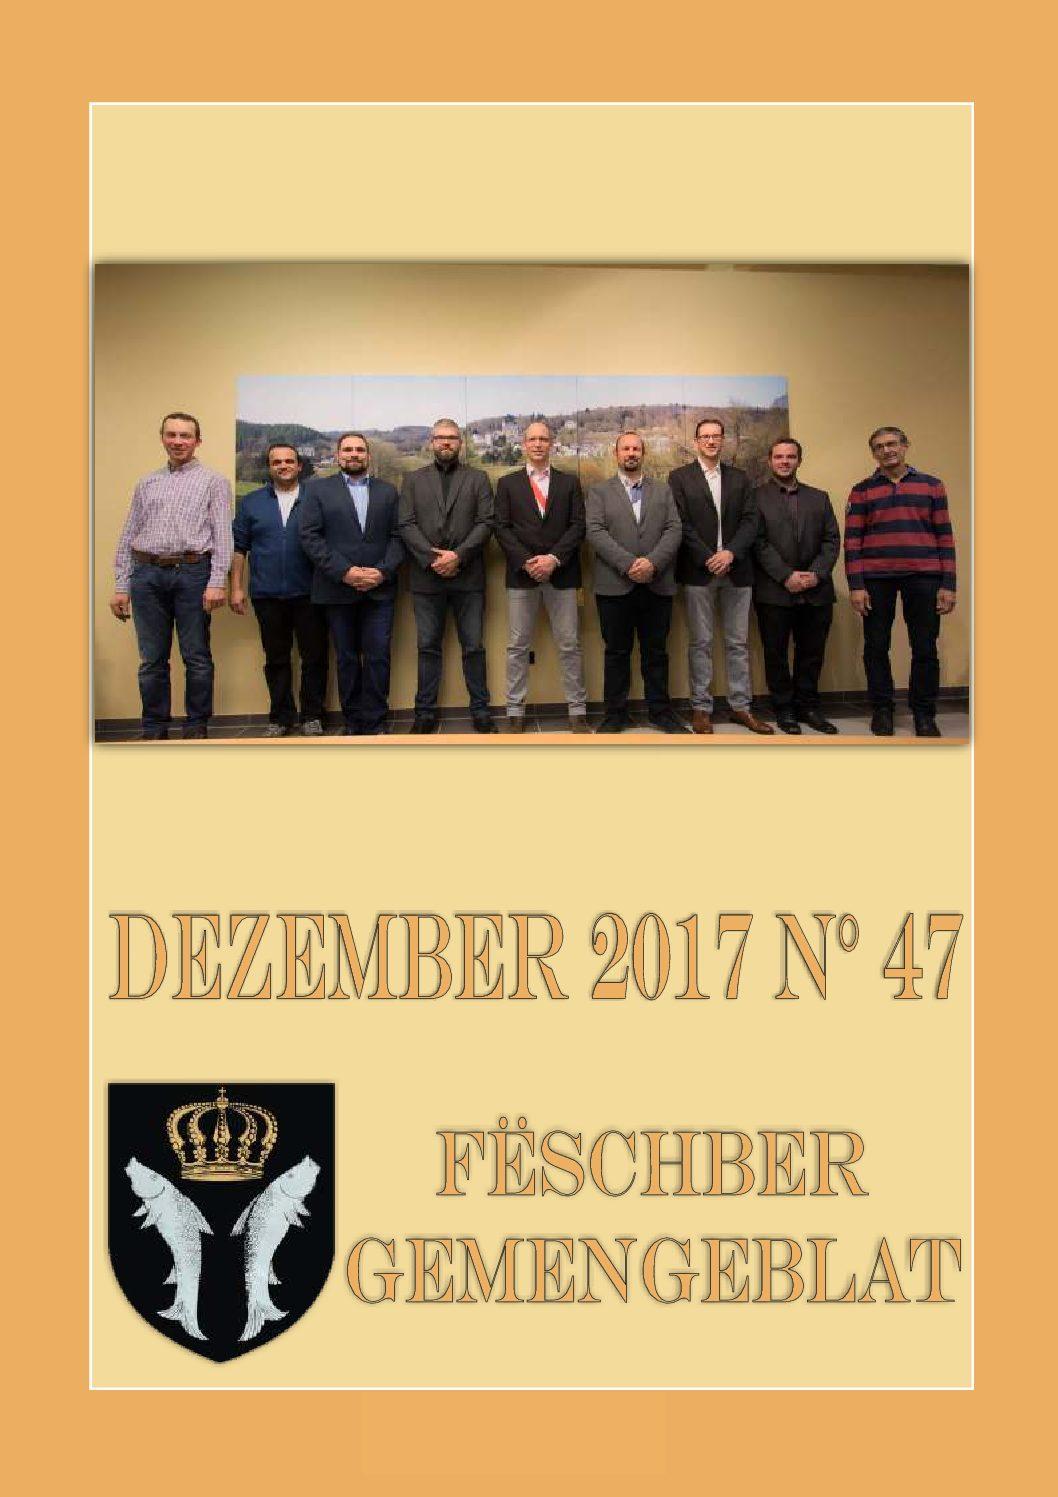 Dezember 2017 Gemengeblat No. 47